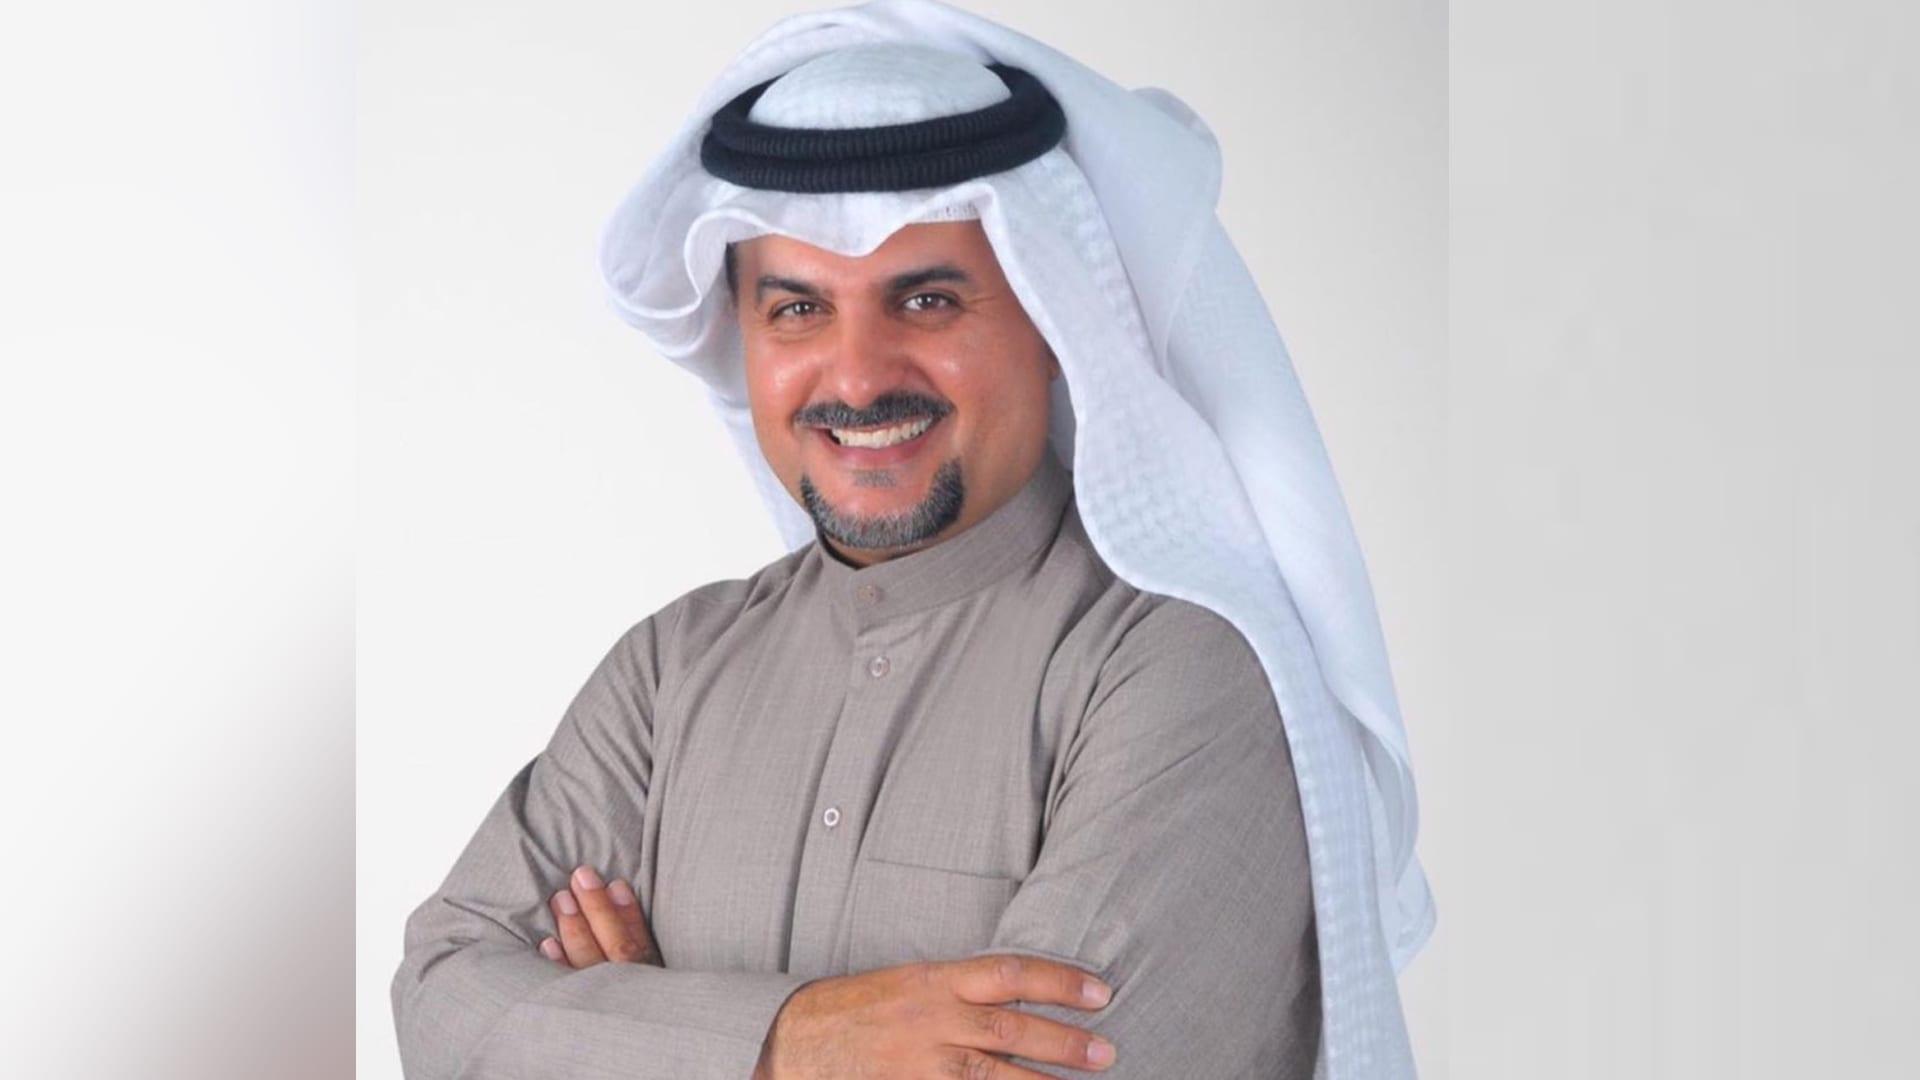 وفاة الفنان الكويتي مشاري البلام وسط حزن خليجي لرحيله